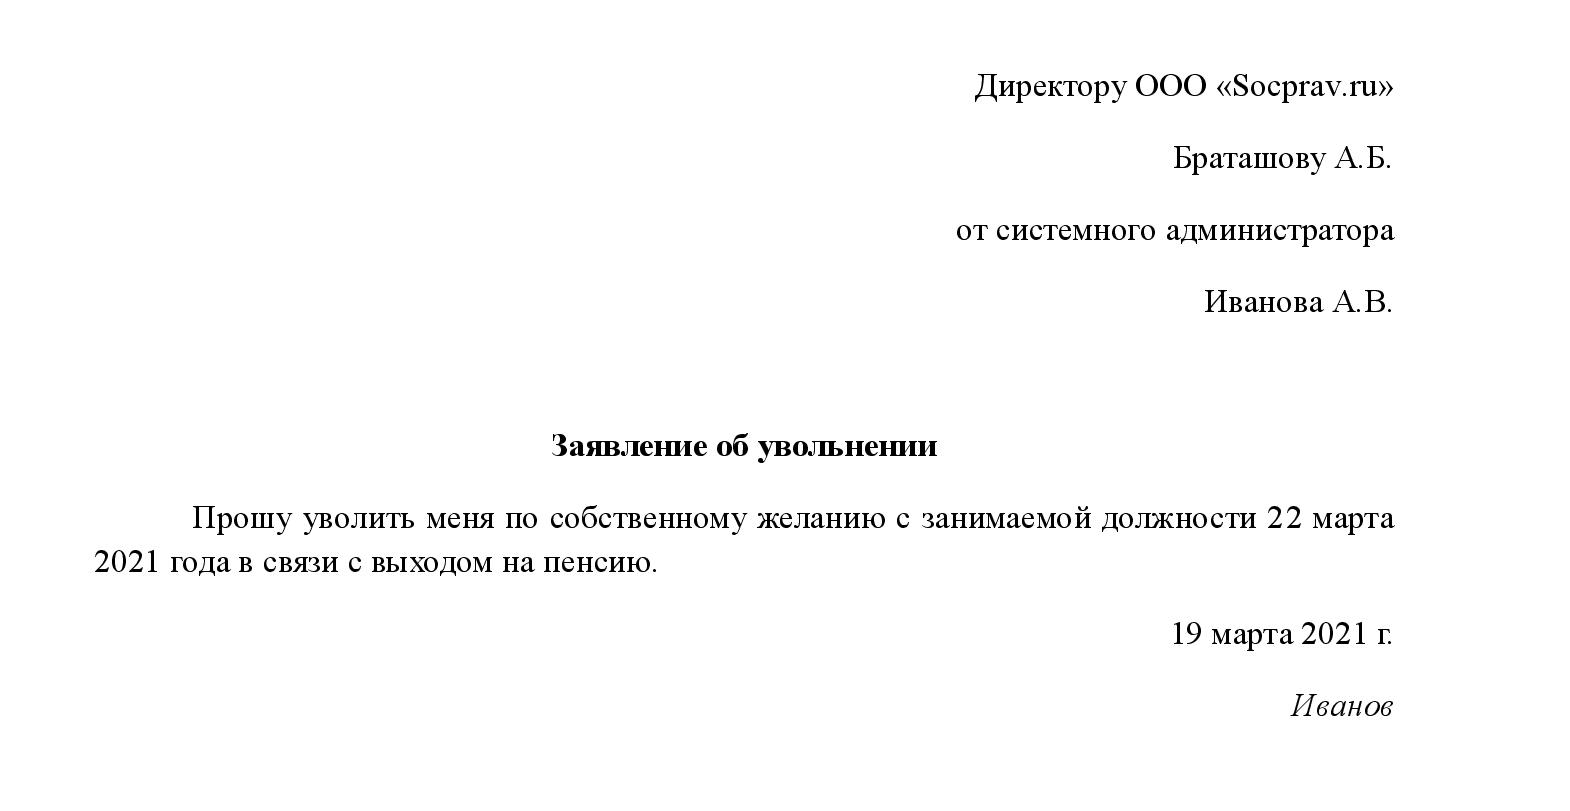 Заявление об увольнении по собственному желанию без отработки в связи с выходом на пенсию